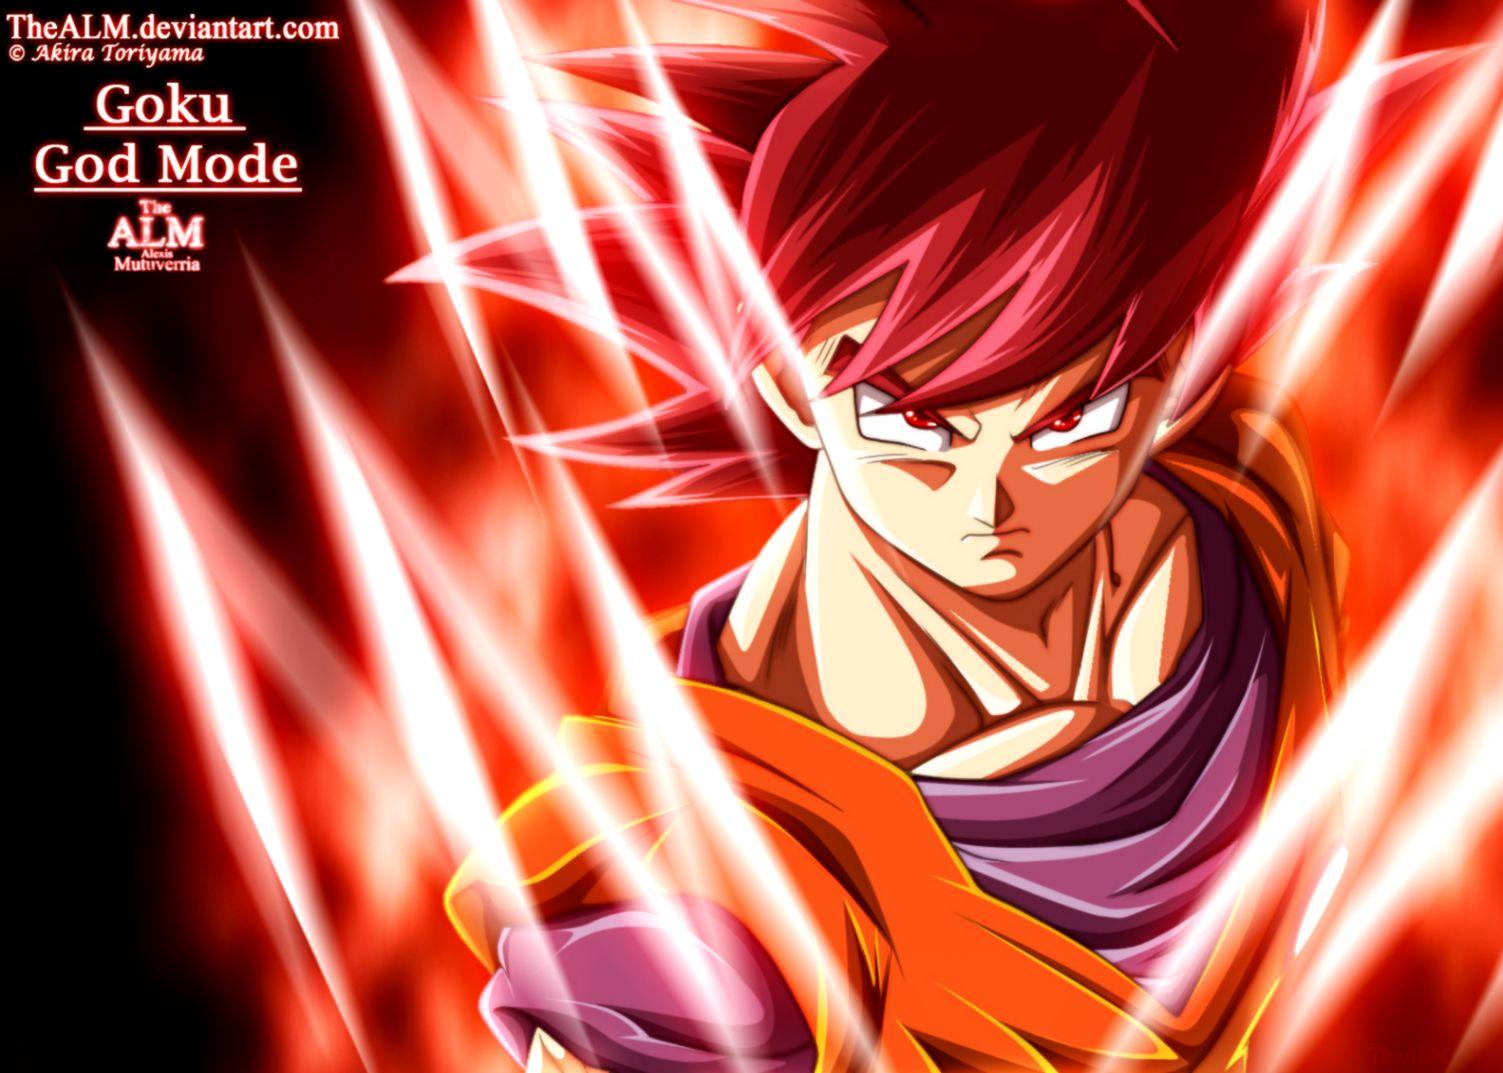 Dragon Ball Z Super Saiyan God Goku Wallpaper Wallpapers Image